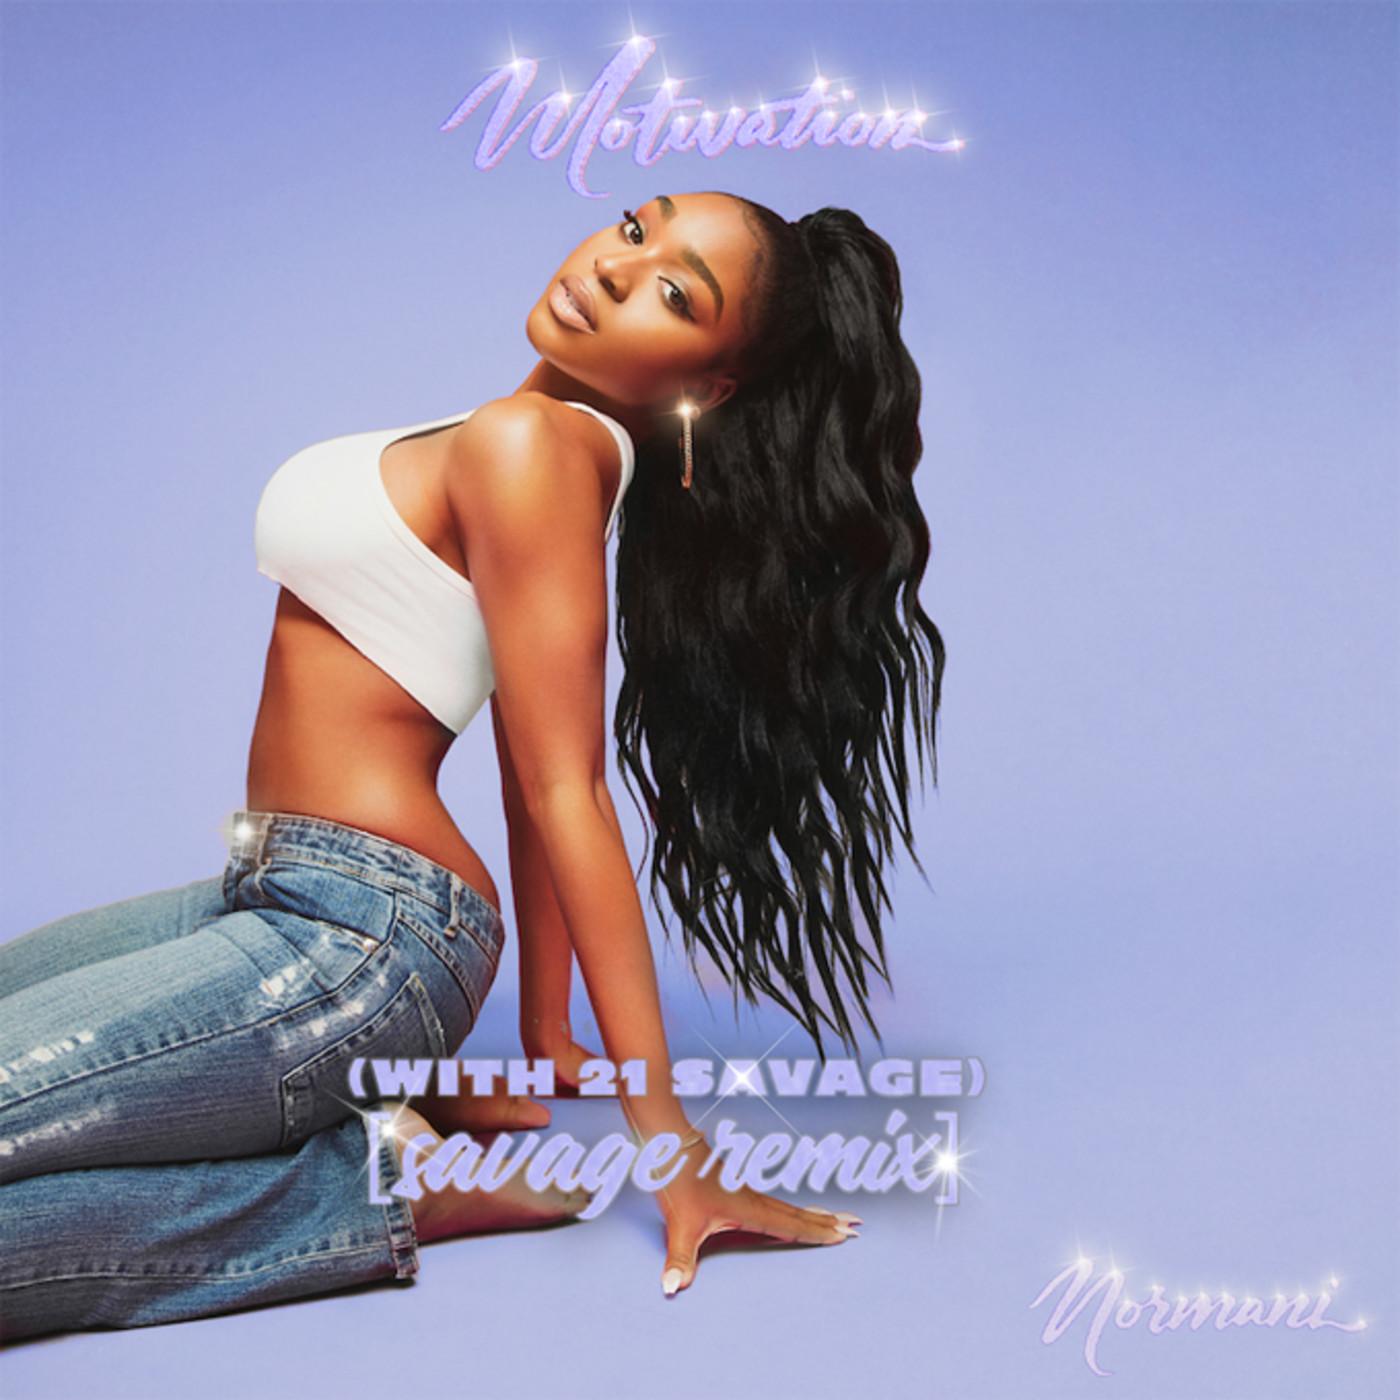 21 Savage Normani Remix